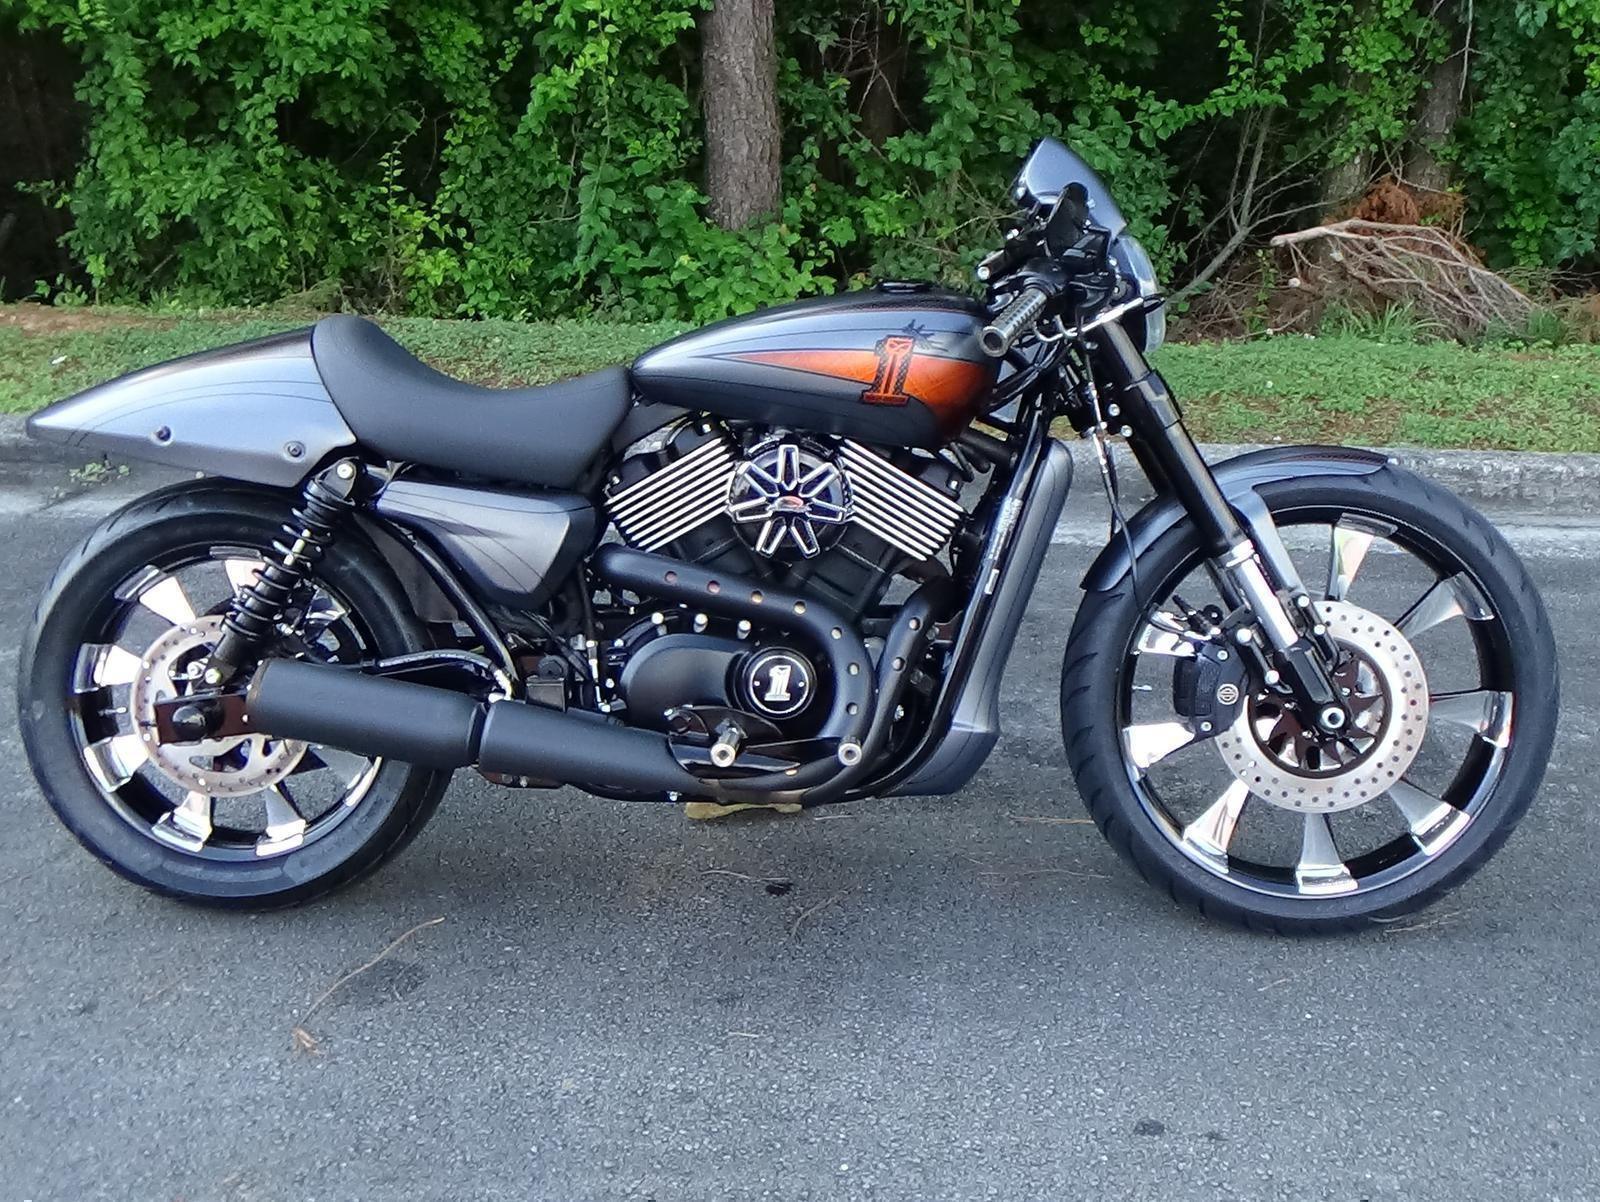 2015 Harley Davidson Xg750 Street 750 Harley Harley Davidson Harley Davidson Street